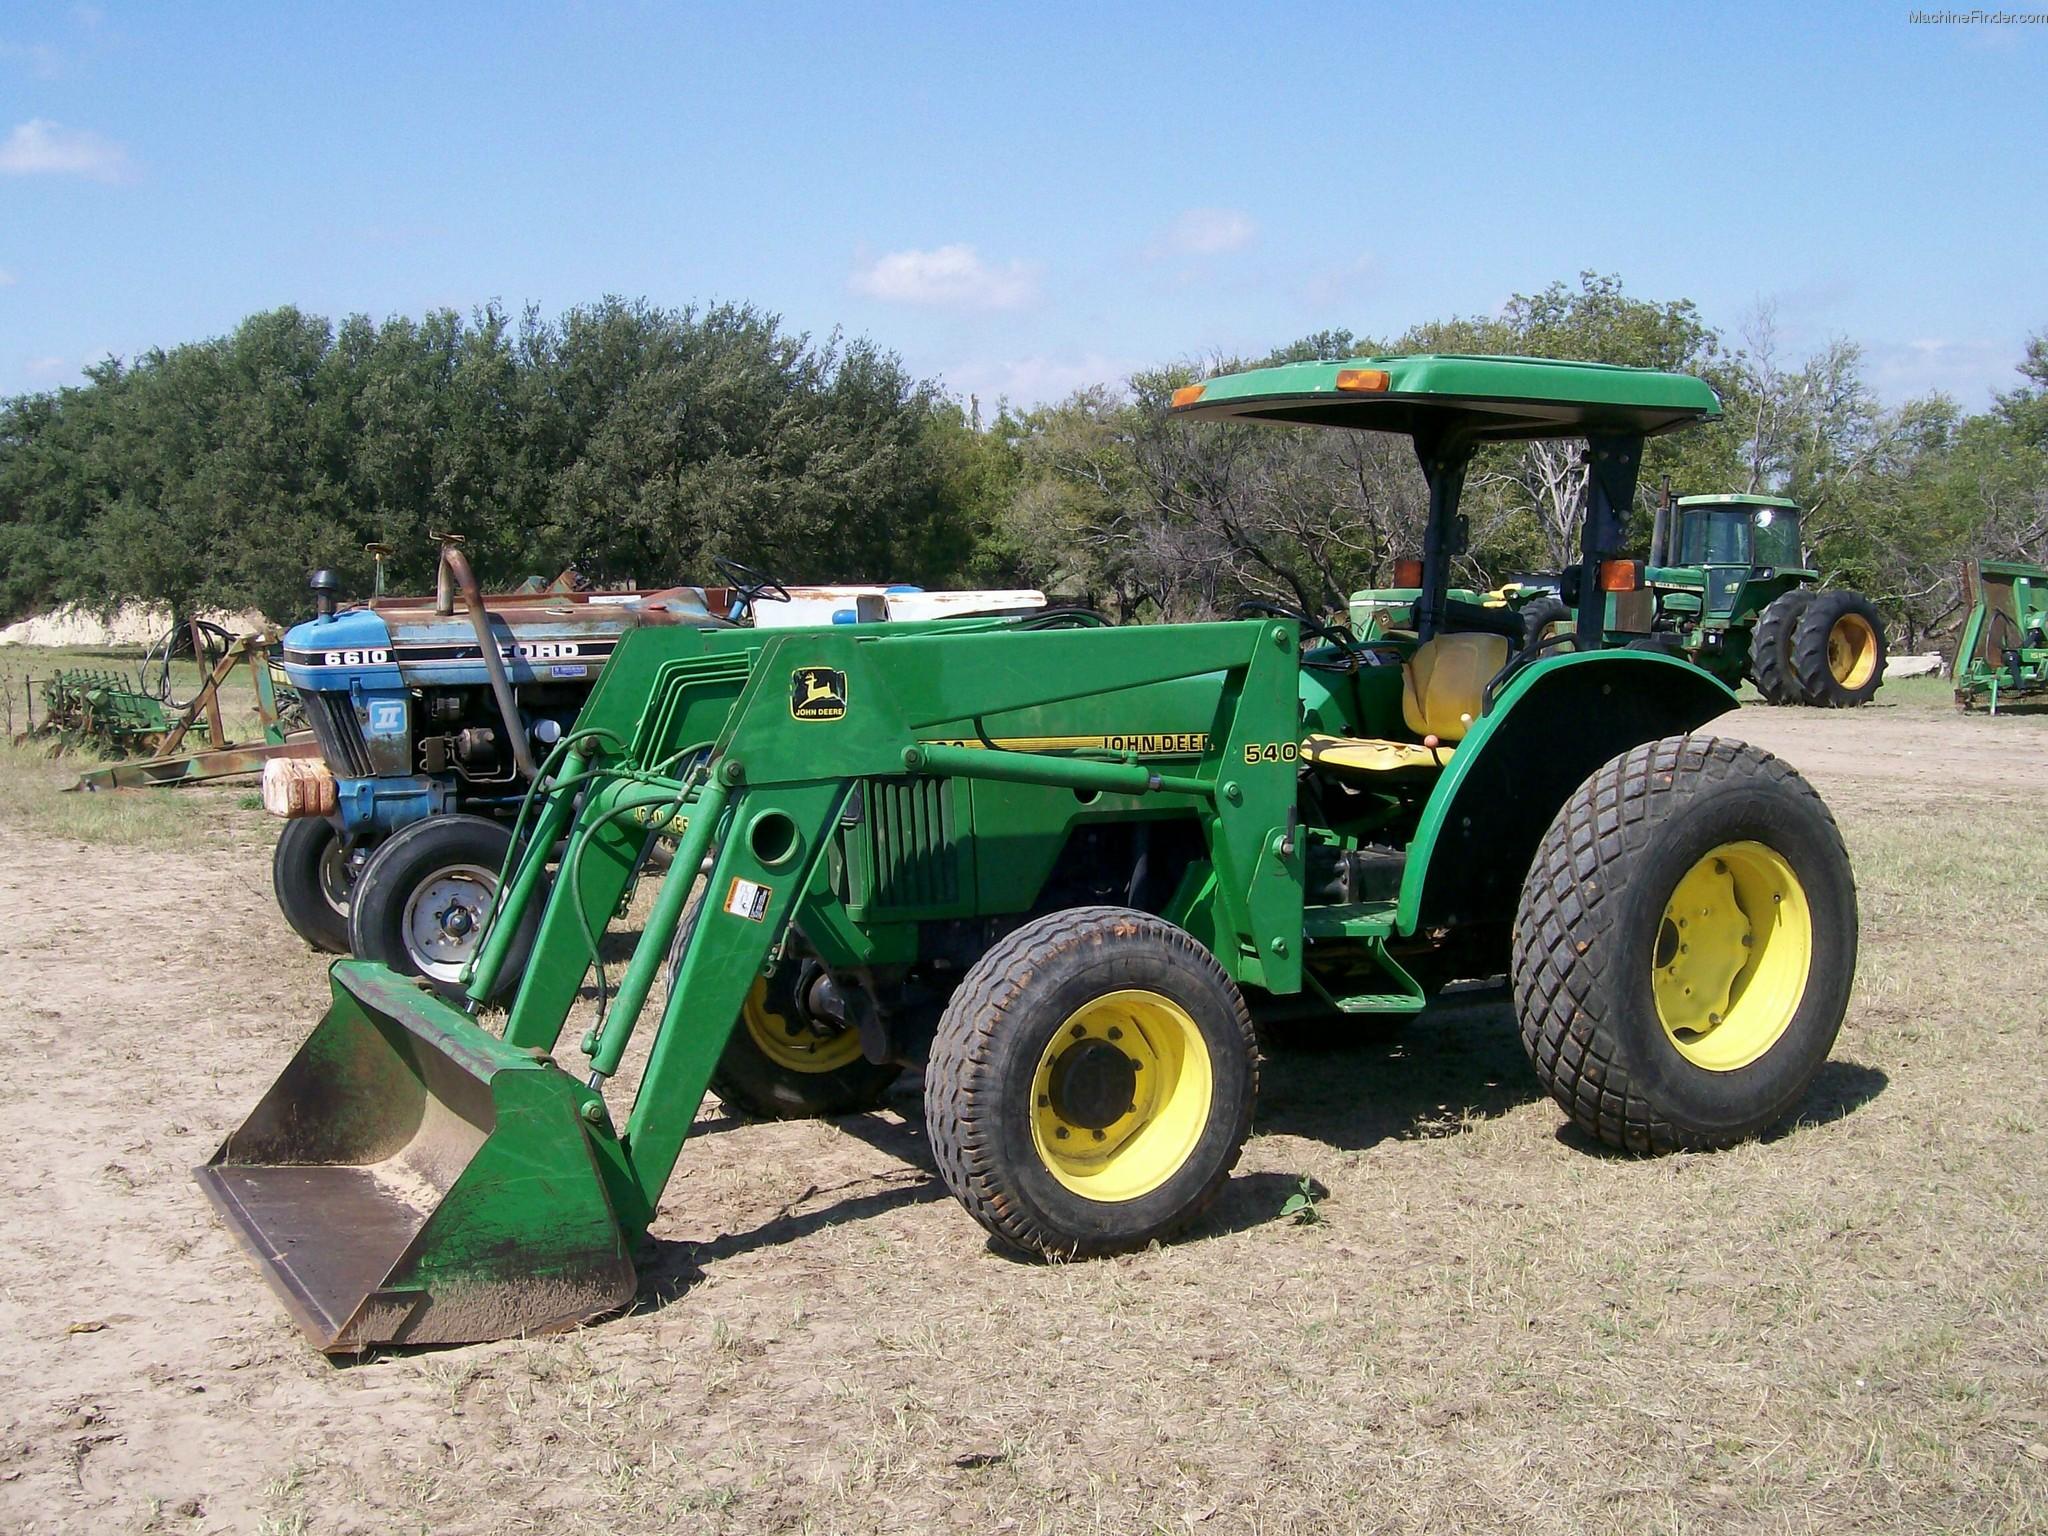 John Deere 5200 Tractors - Utility (40-100hp) - John Deere ...